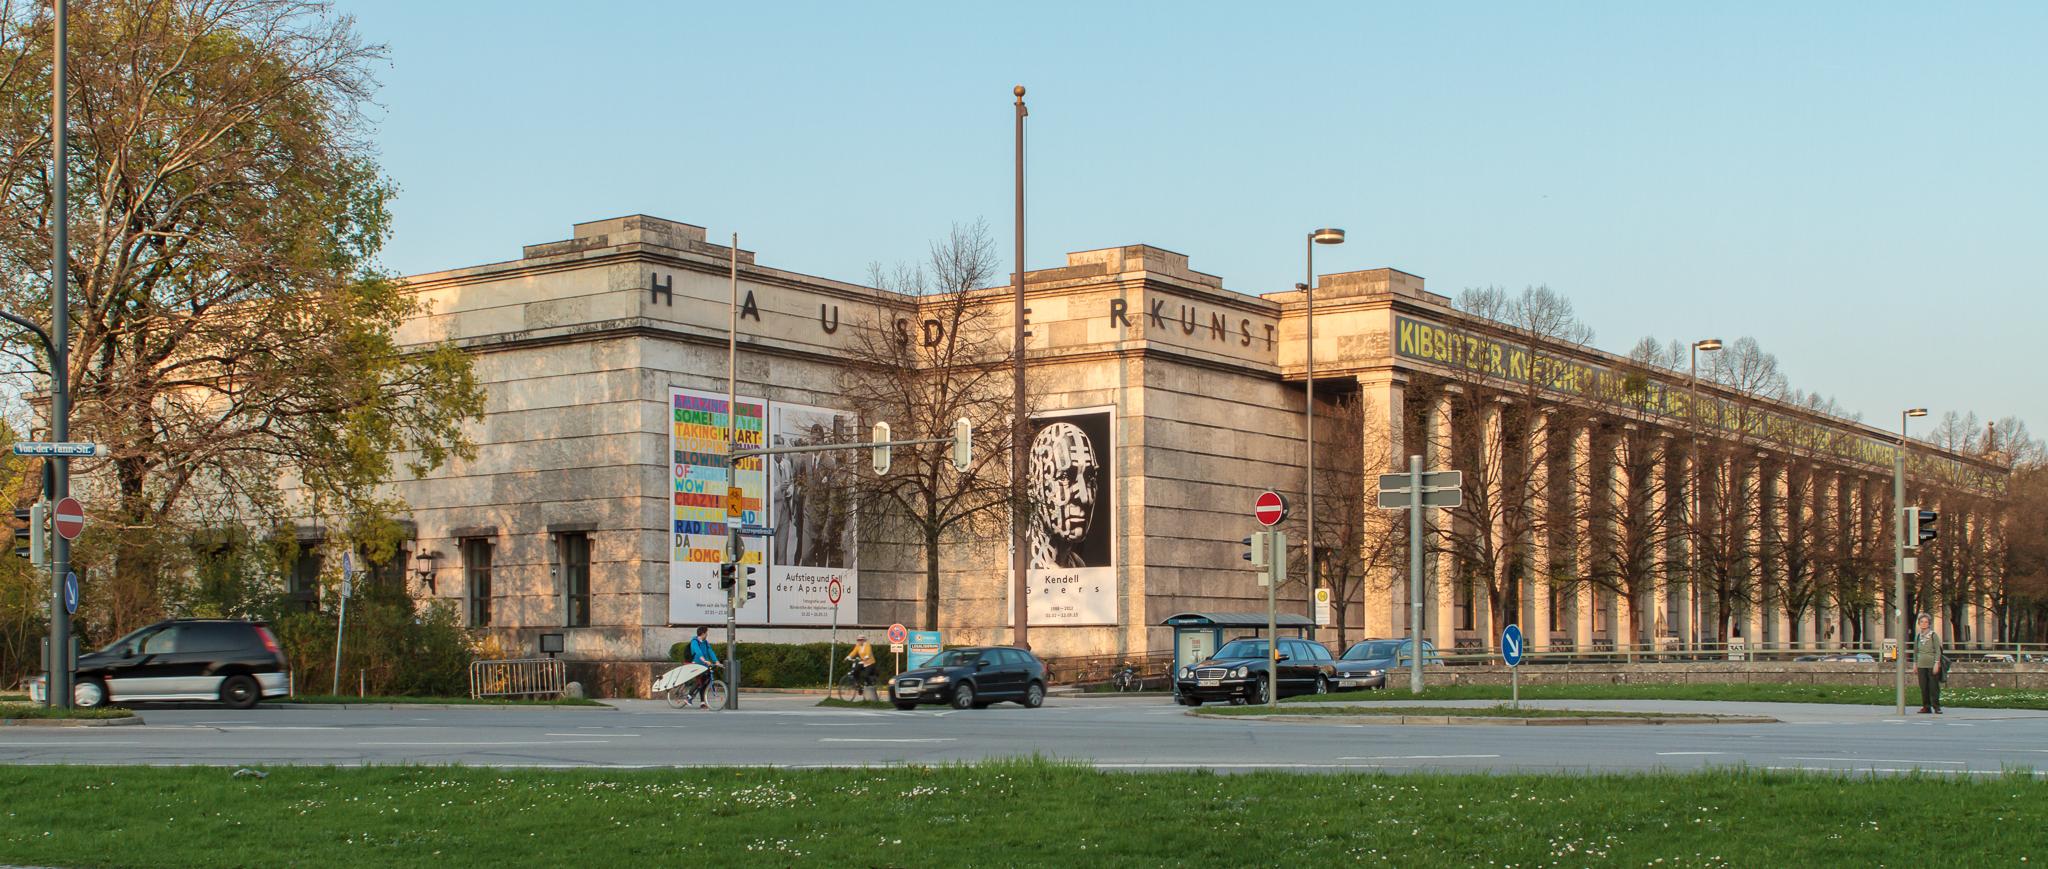 Haus der Kunst | Mapio.net